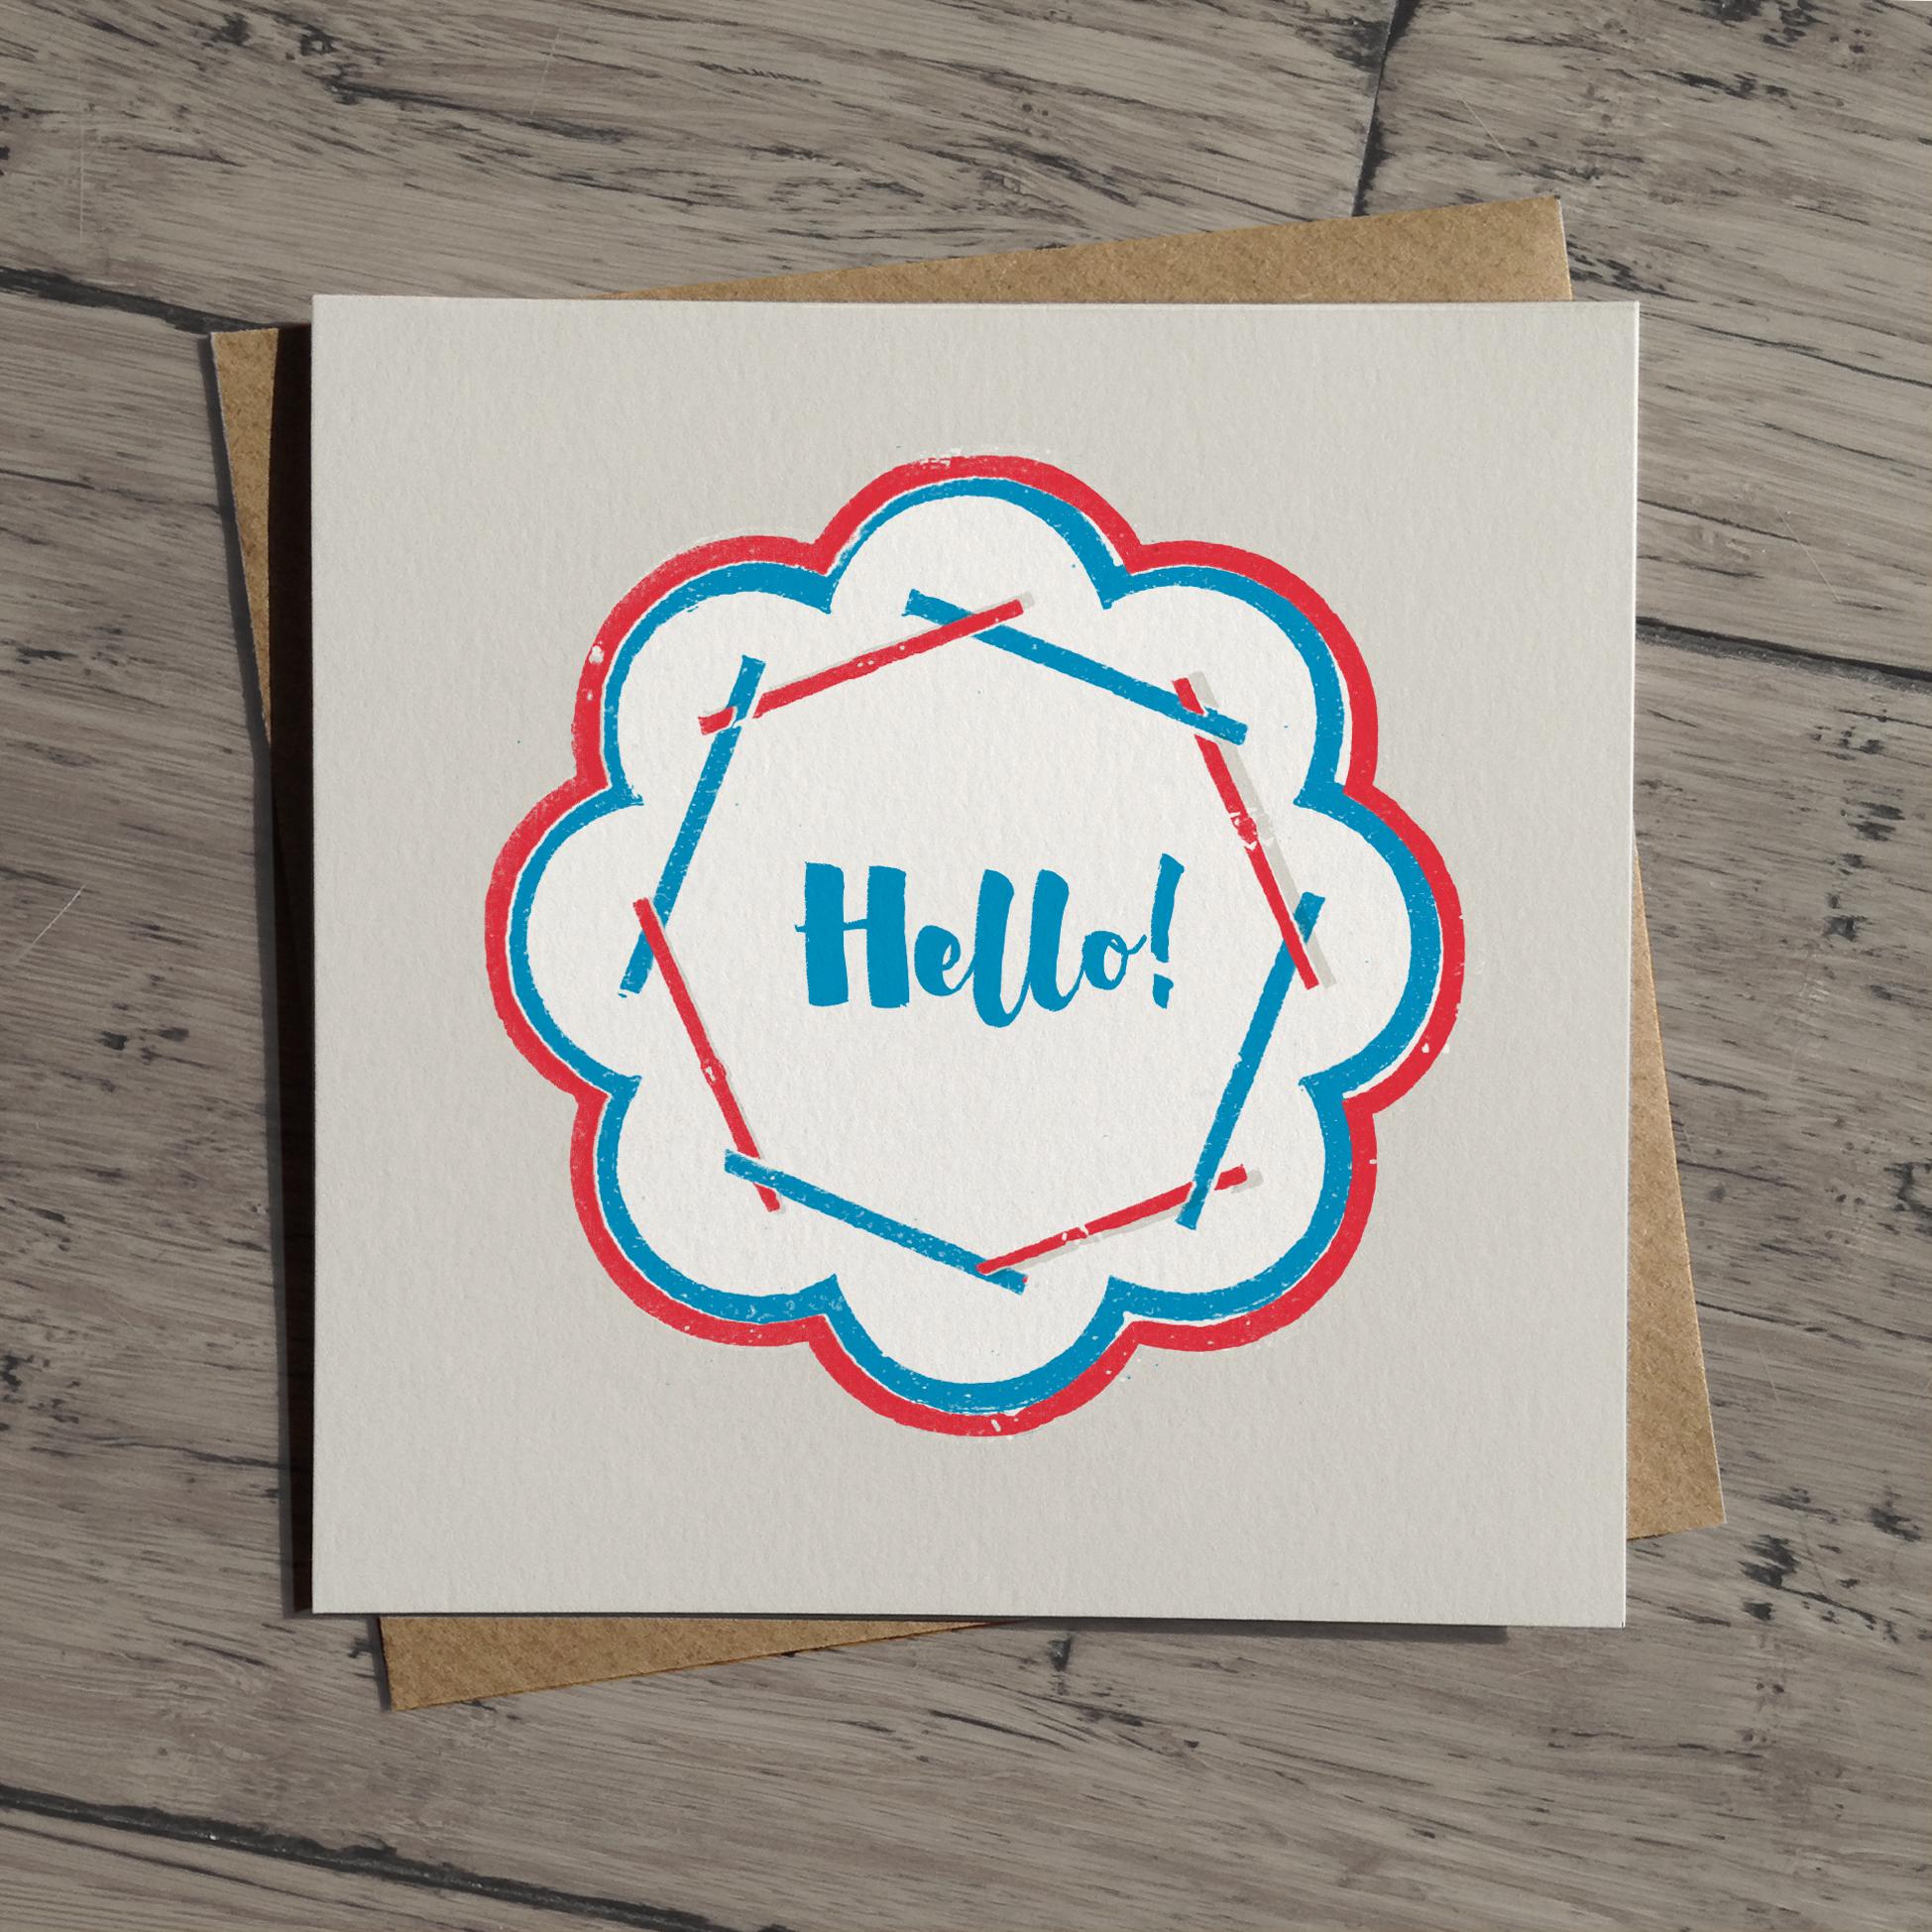 Hello card: WW02